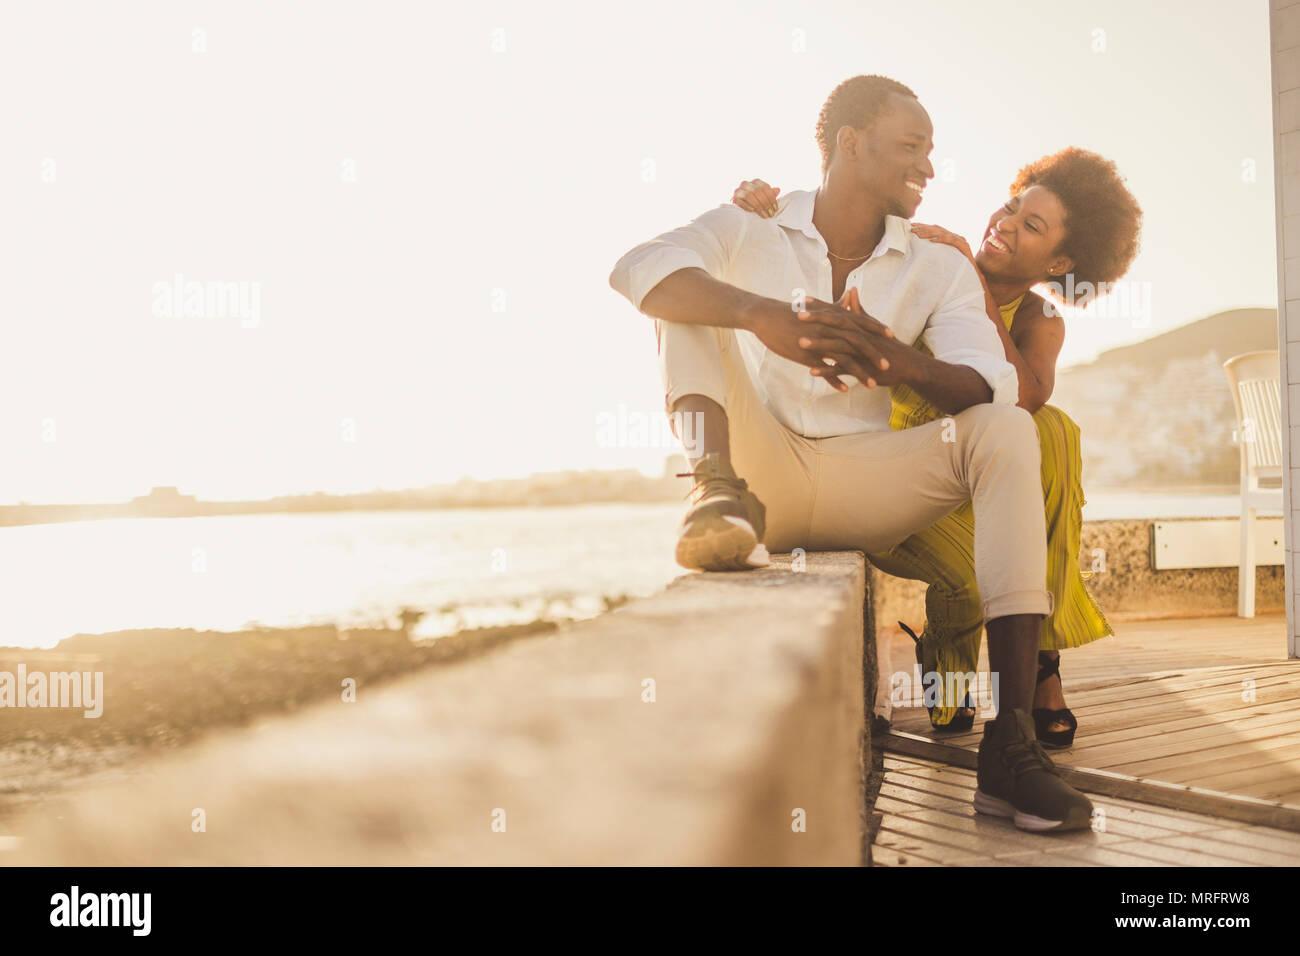 Hermosa raza negra africana en el amor y la pareja de vacaciones disfrutando de sentarse junto con grandes sonrisas y risa. ropa casual como con estilo de moda Imagen De Stock